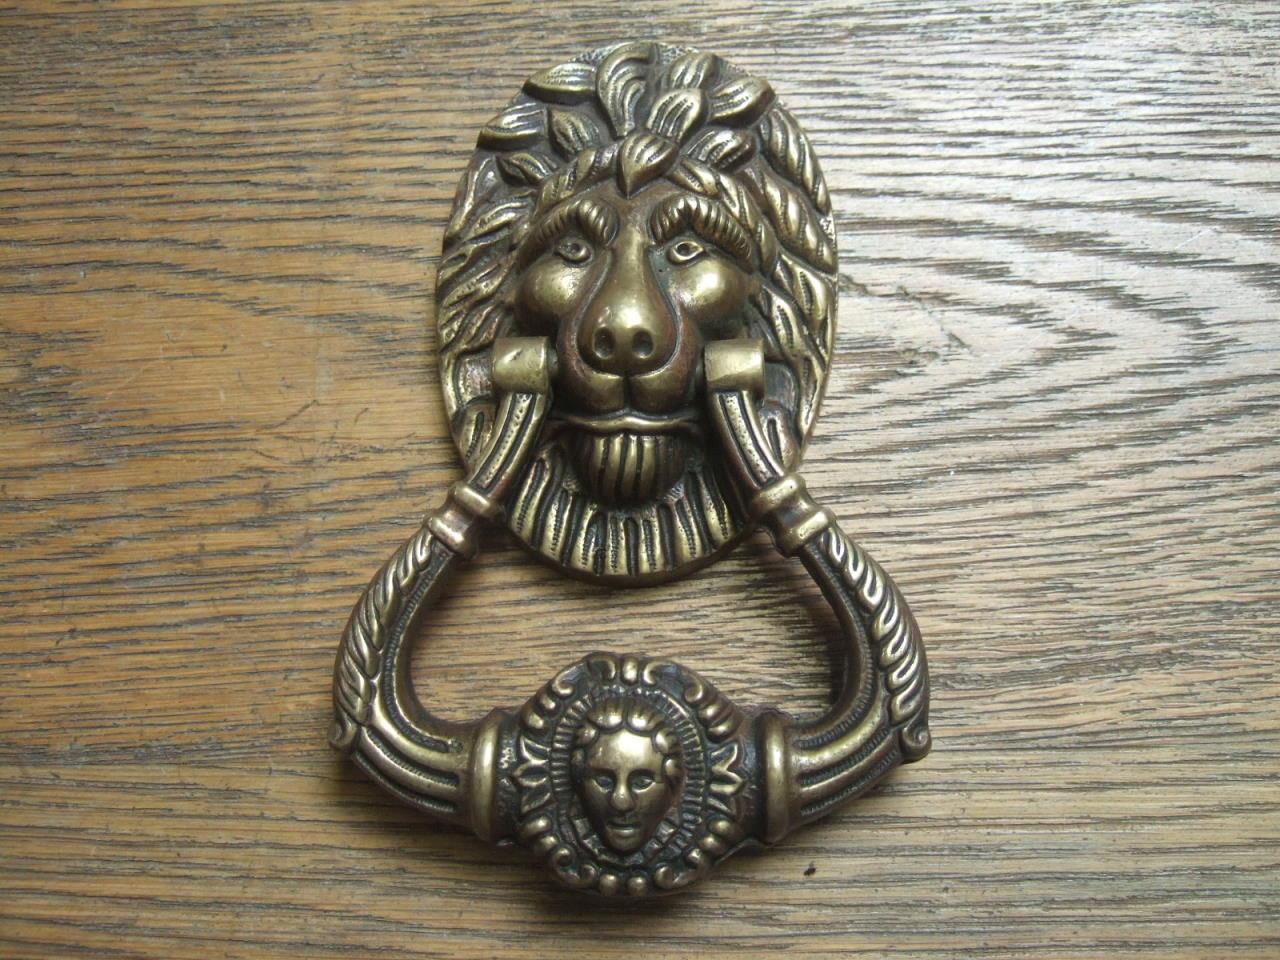 D234 lions head door knocker antique door knockers - Antique brass lion head door knocker ...